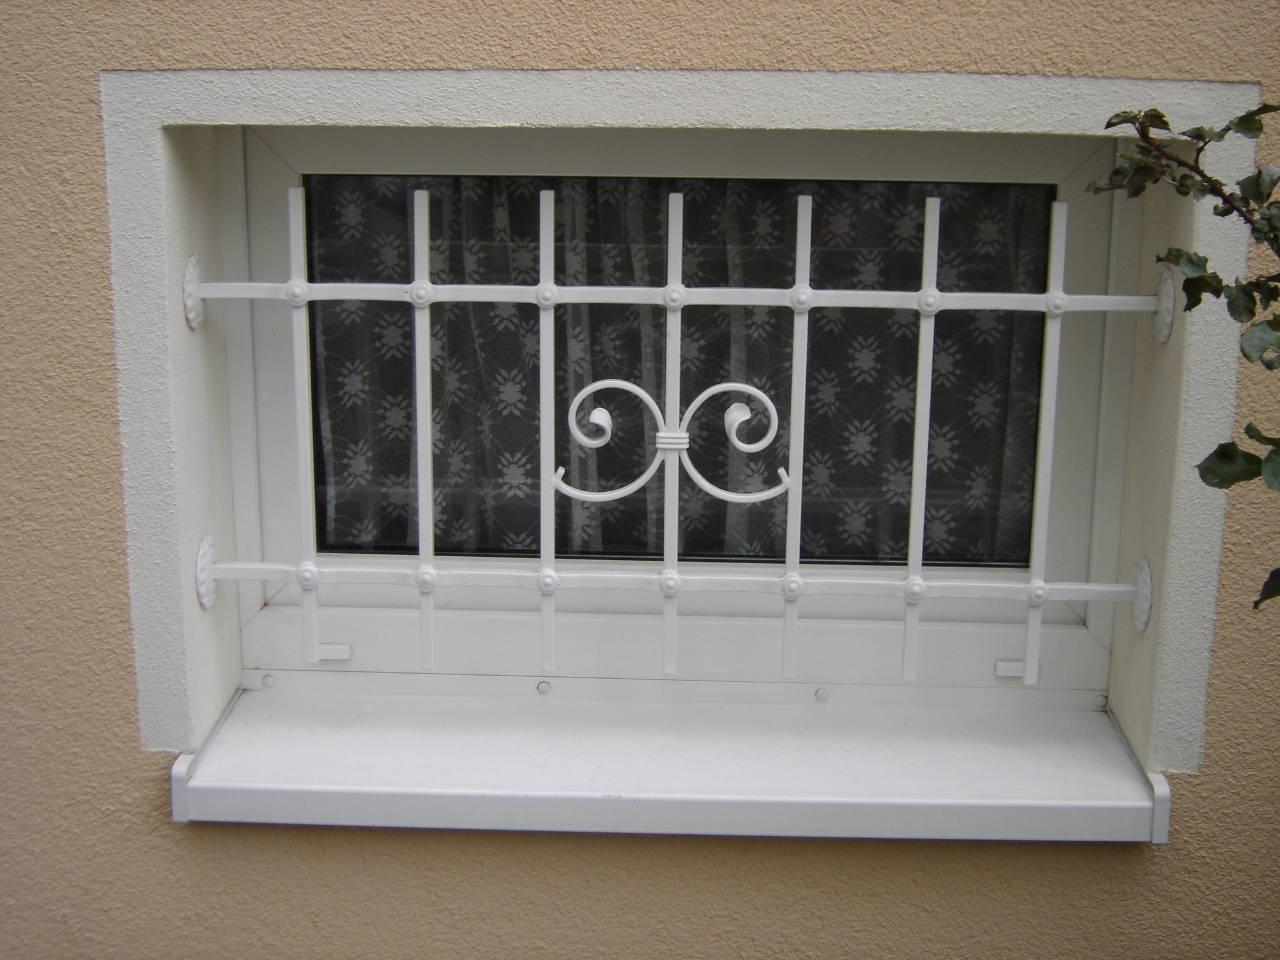 03-Fenstergitter